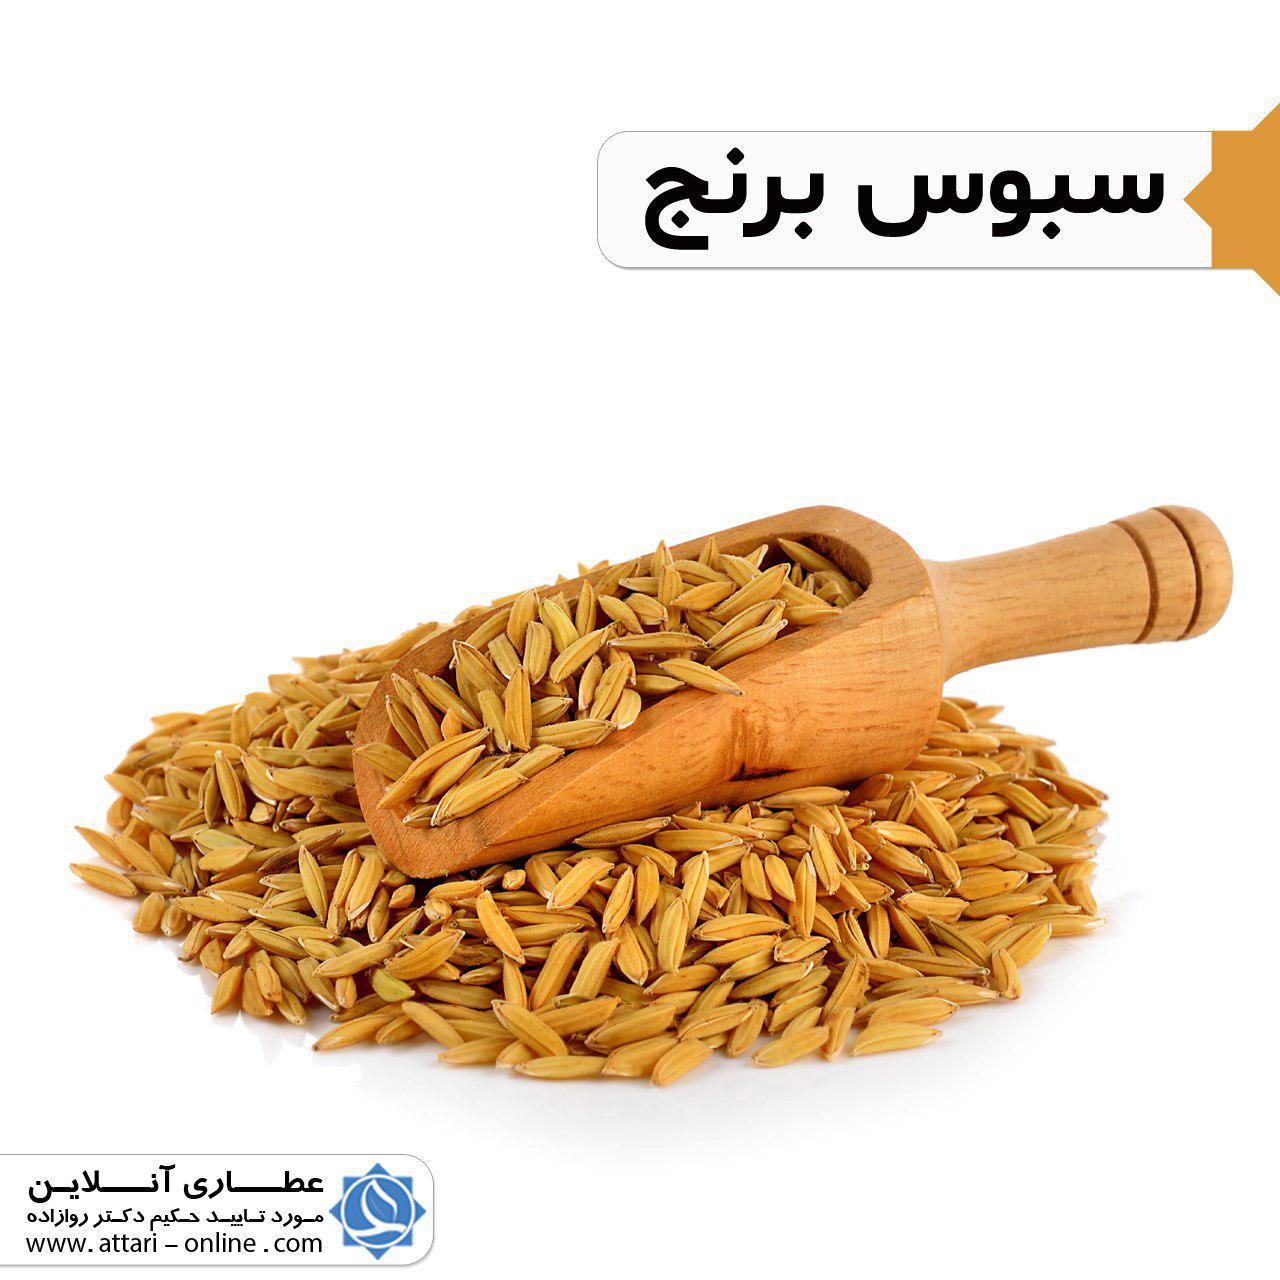 photo 2019 01 28 16 26 32 فواید درمانی سبوس برنج برای بدن